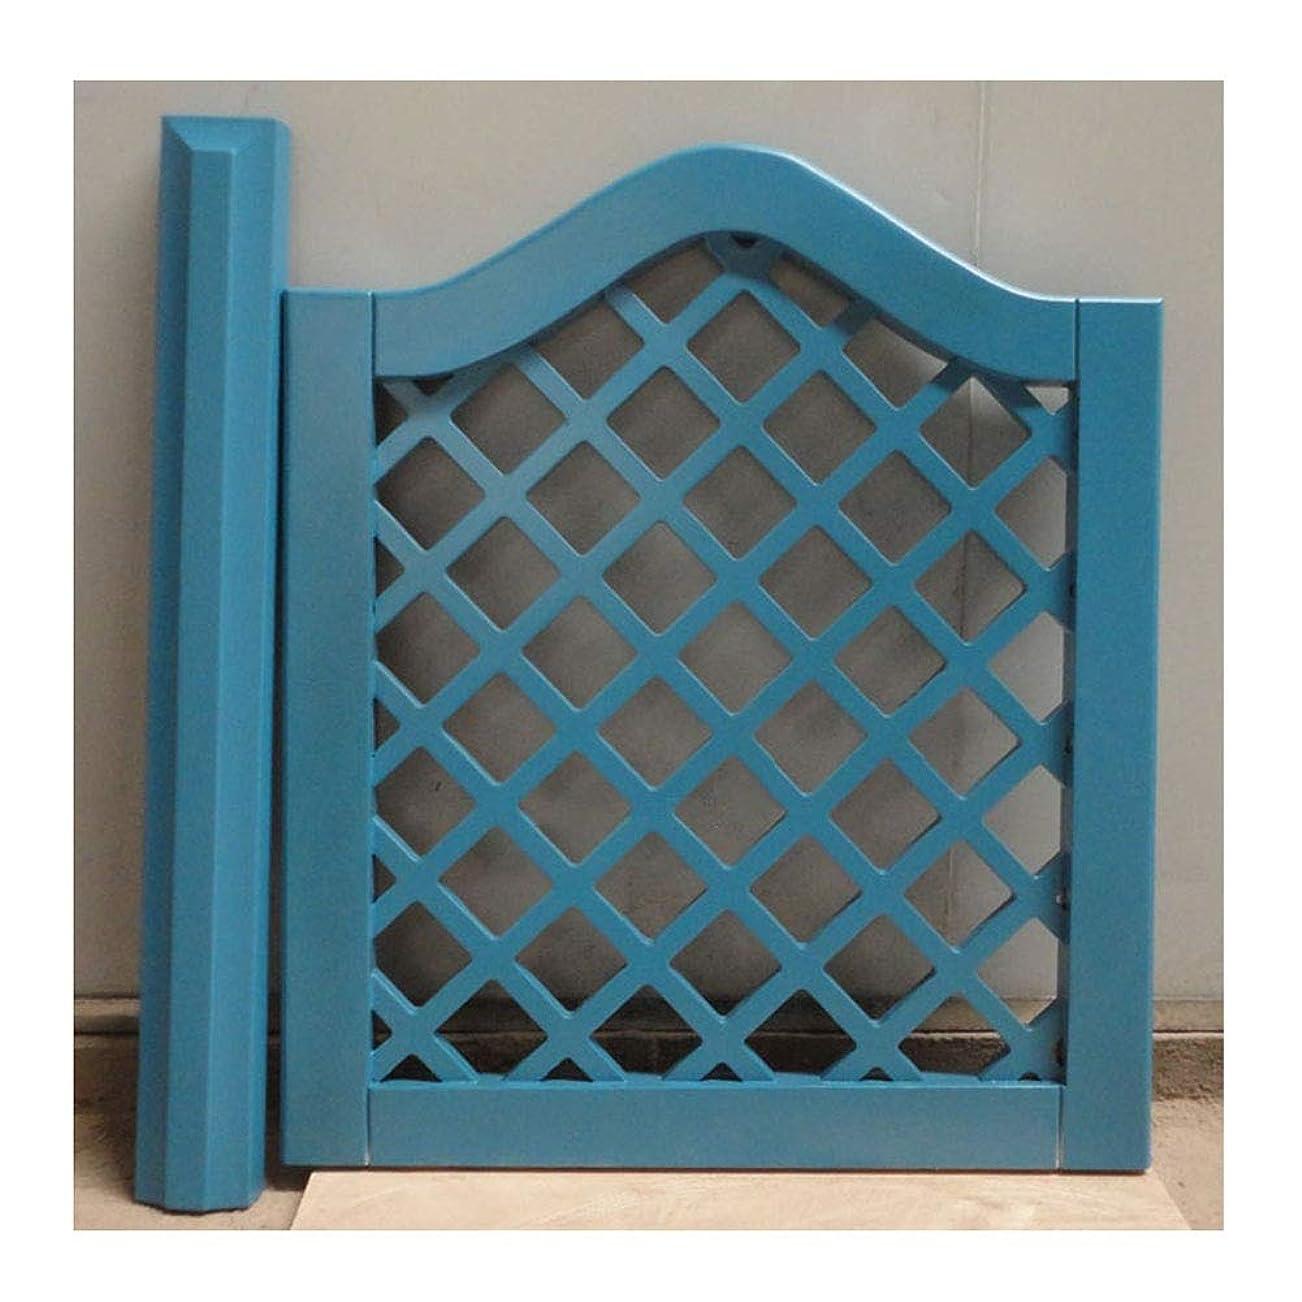 観点指定予備CAIJUN カフェドアーズ スイングドア 無垢材 レジカウンター 仕切りドア エントランス装飾 シングルドア、 22色、 カスタマイズ可能 (Color : A, Size : 60x70cm)